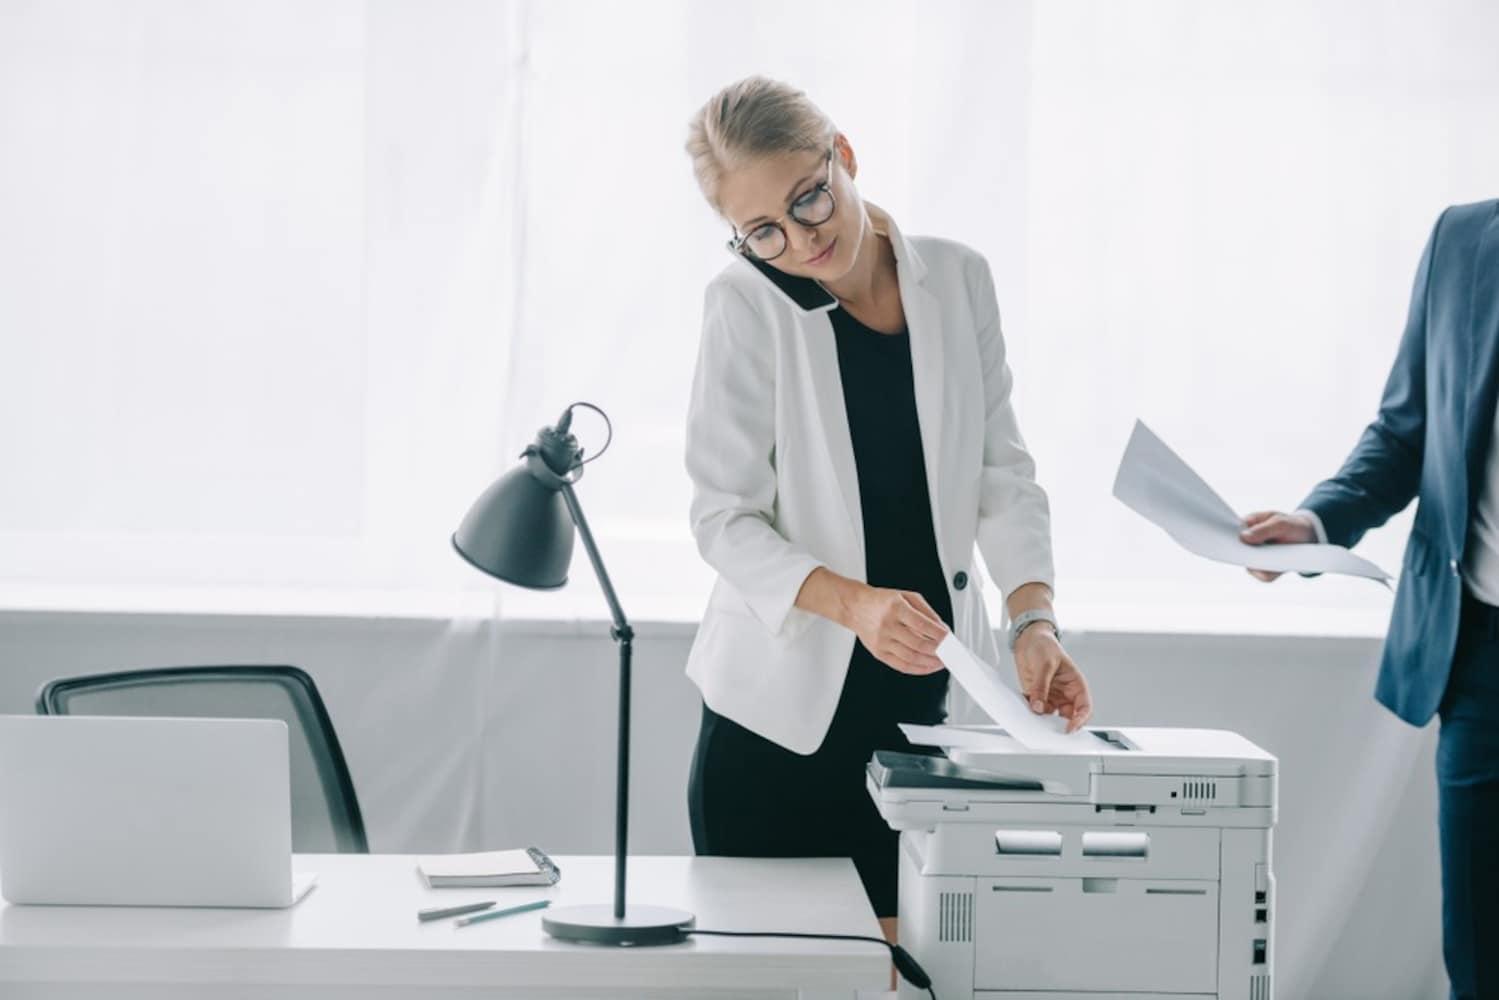 印刷方式|カラー印刷にはインクジェット、文書の大量印刷ならレーザー